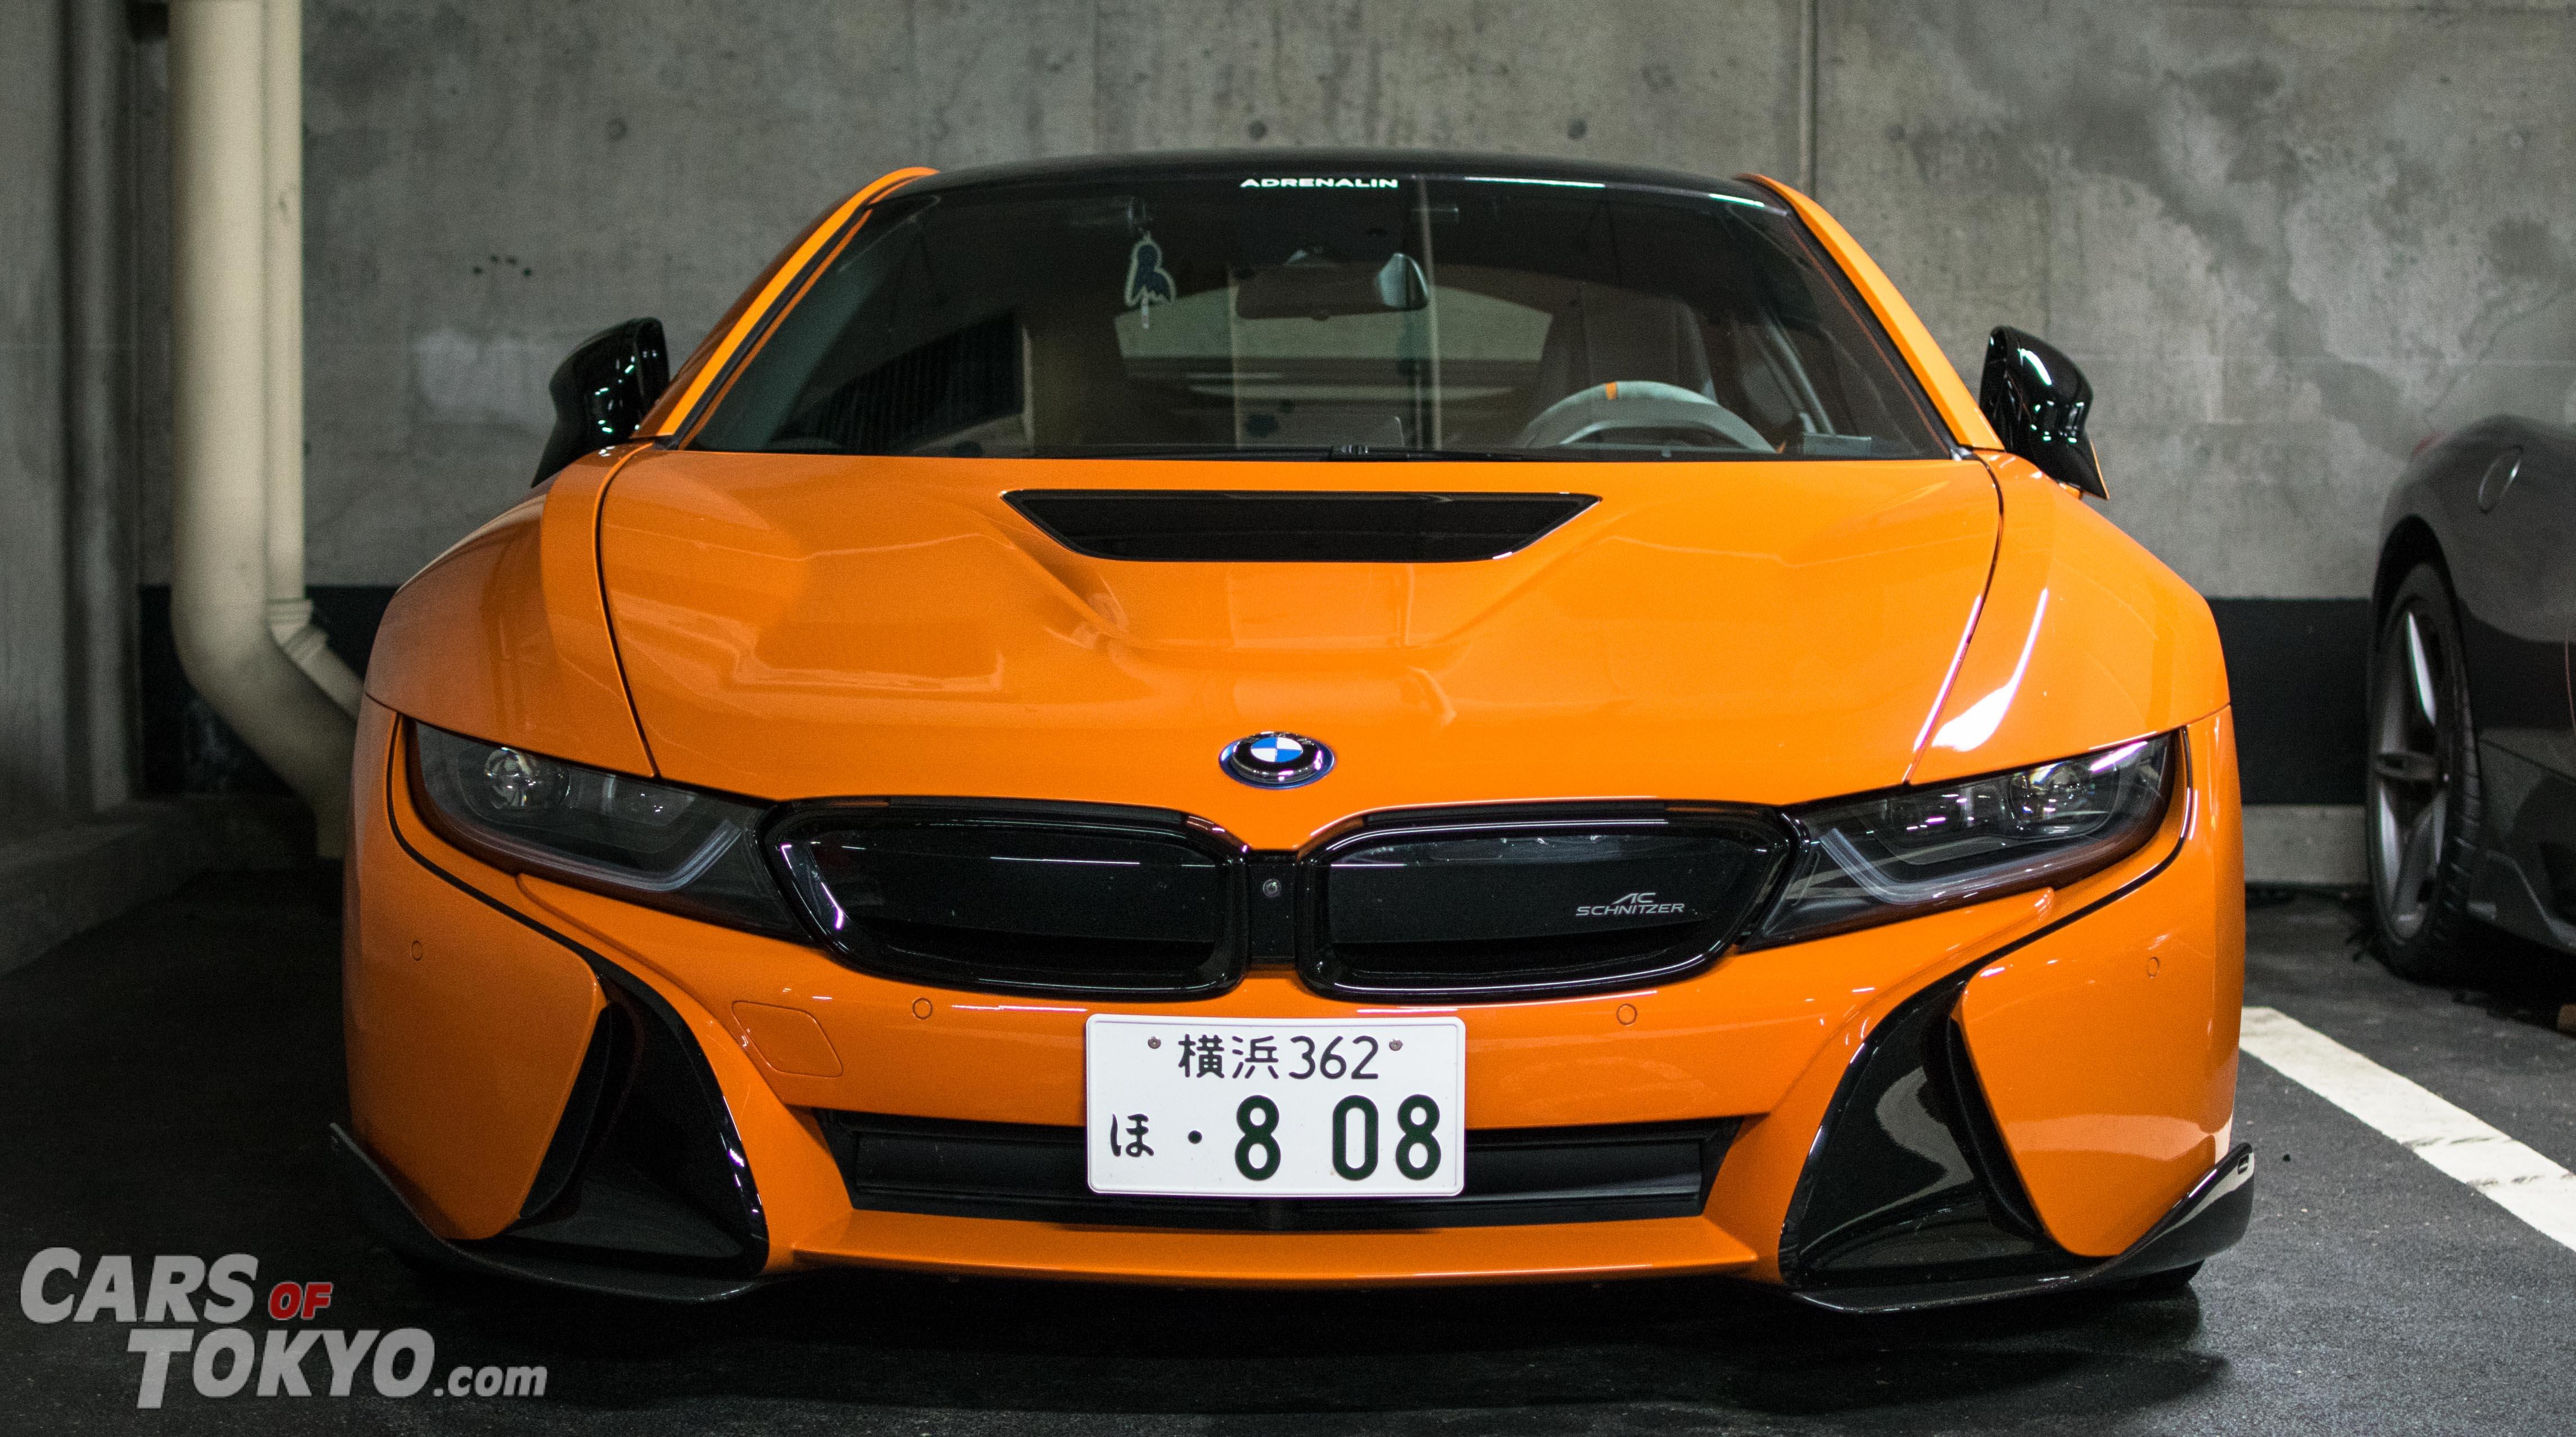 Cars of Tokyo Underground BMW i8